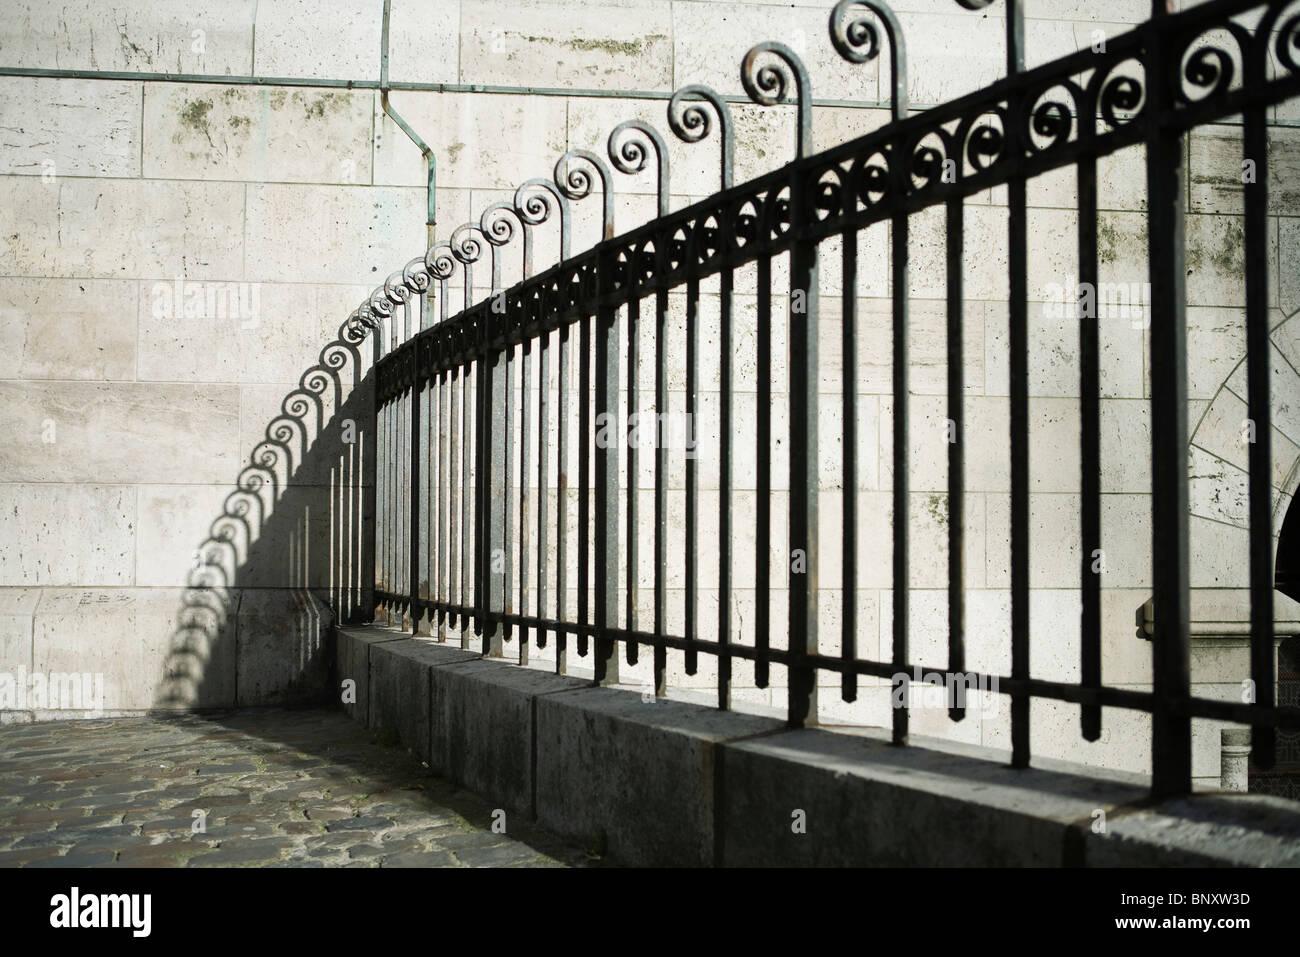 Wrought iron fence, Sacre C?ur, Montmartre, Paris, France - Stock Image